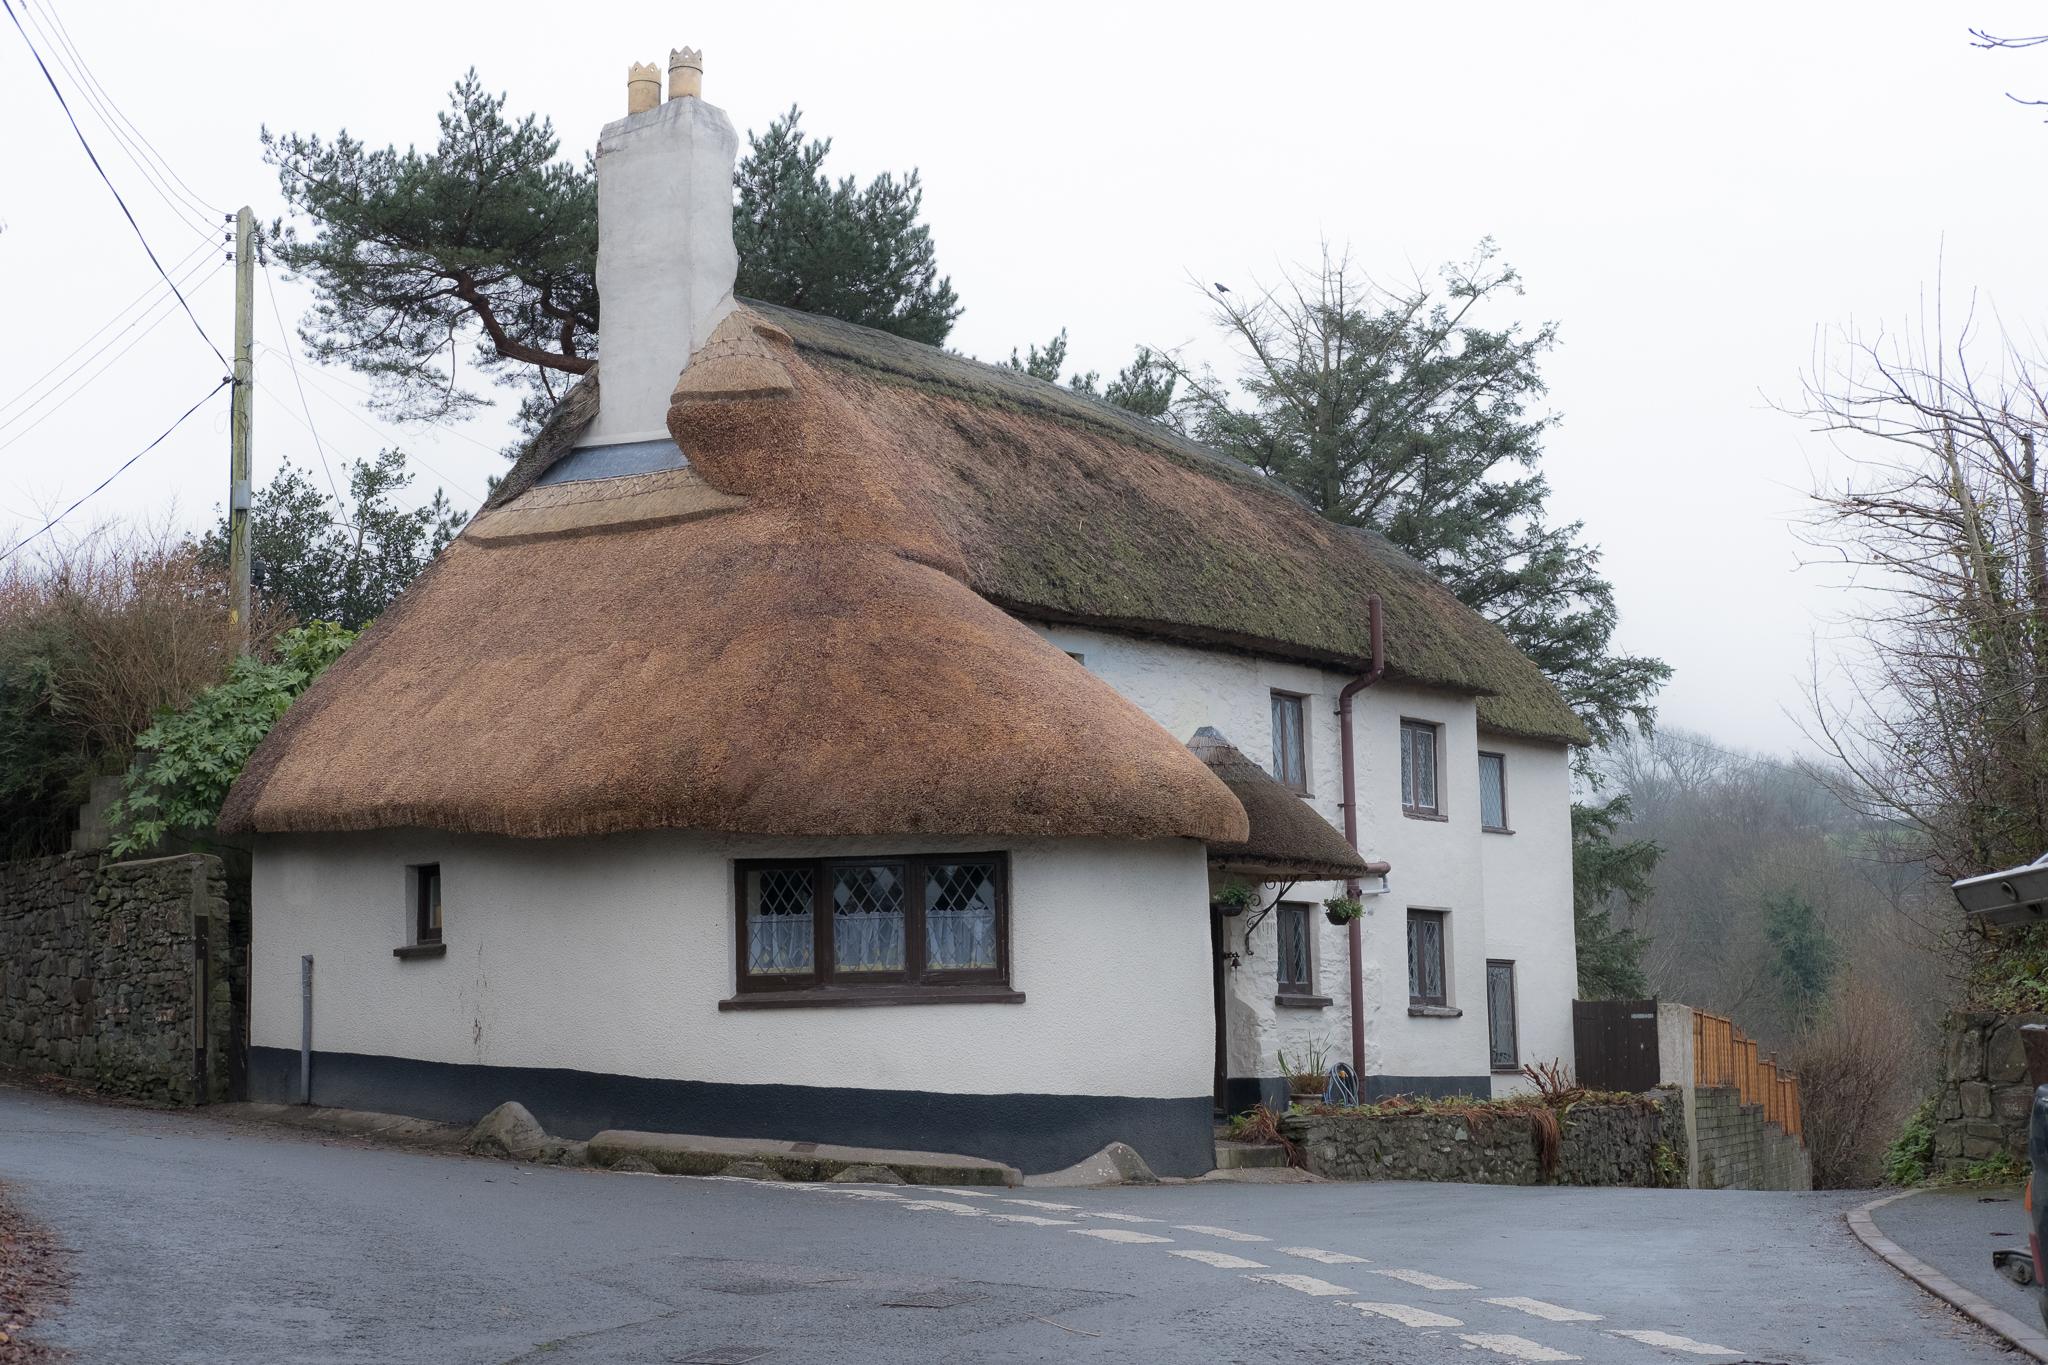 Thatched Cottage, Barnstaple, Devon.